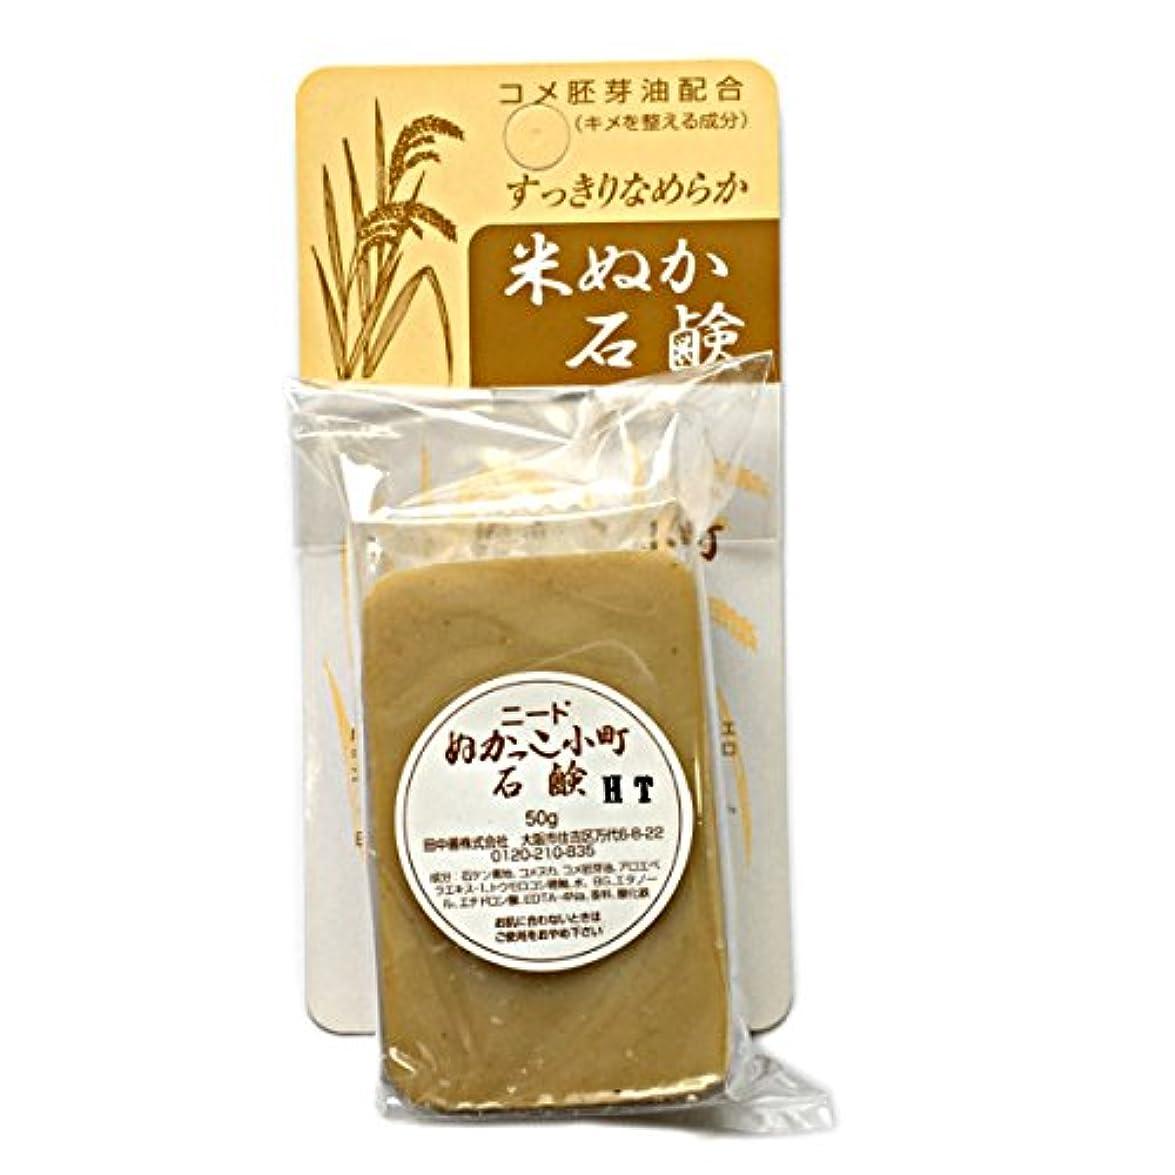 メロドラマアカウント省ニード ぬかっこ小町 石鹸 50g